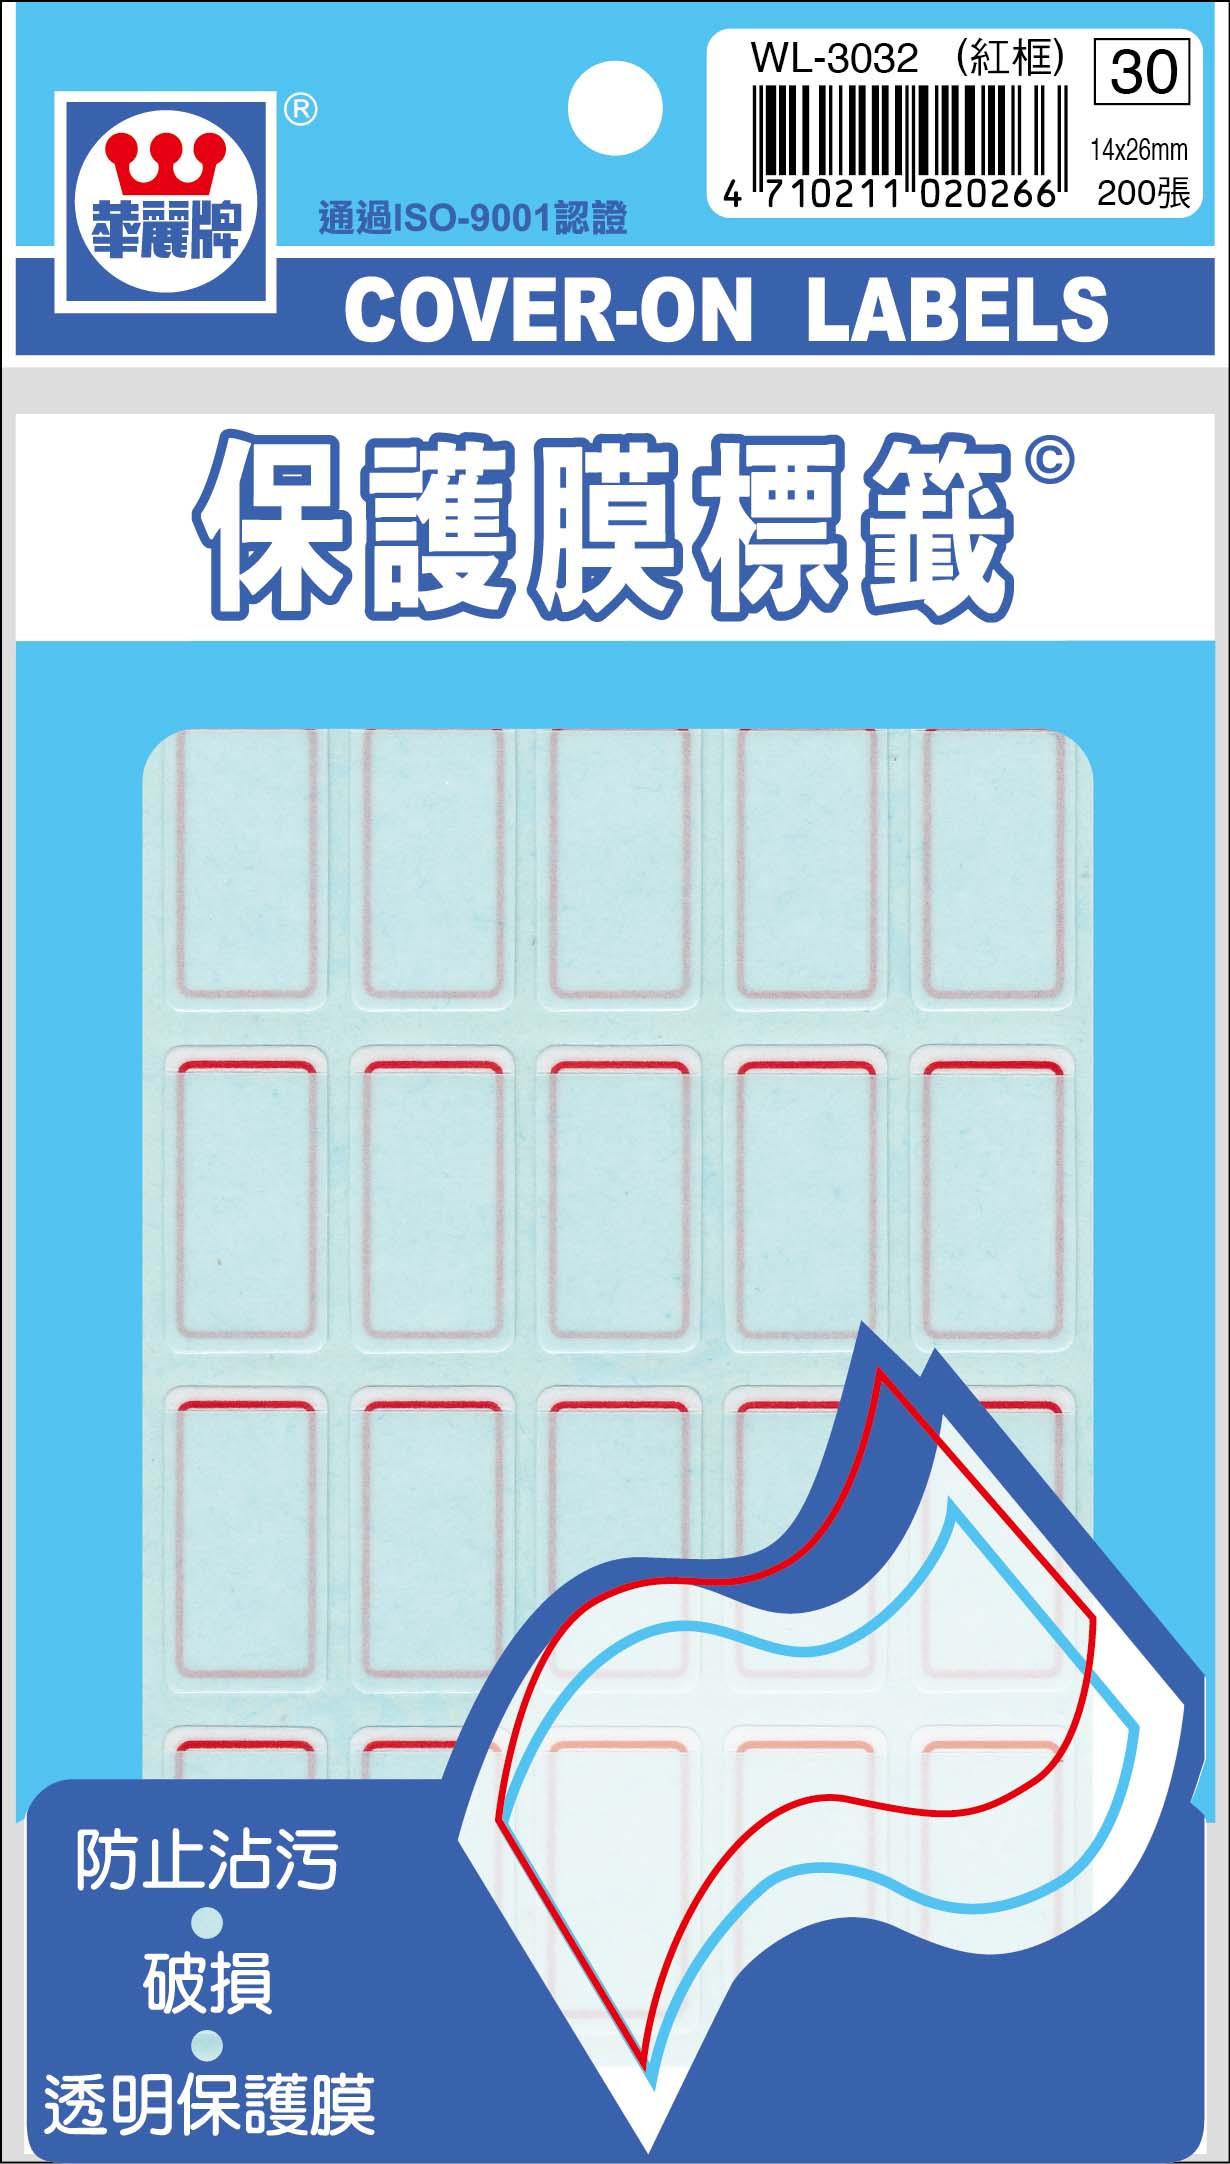 華麗 保護膜標籤WL-3032